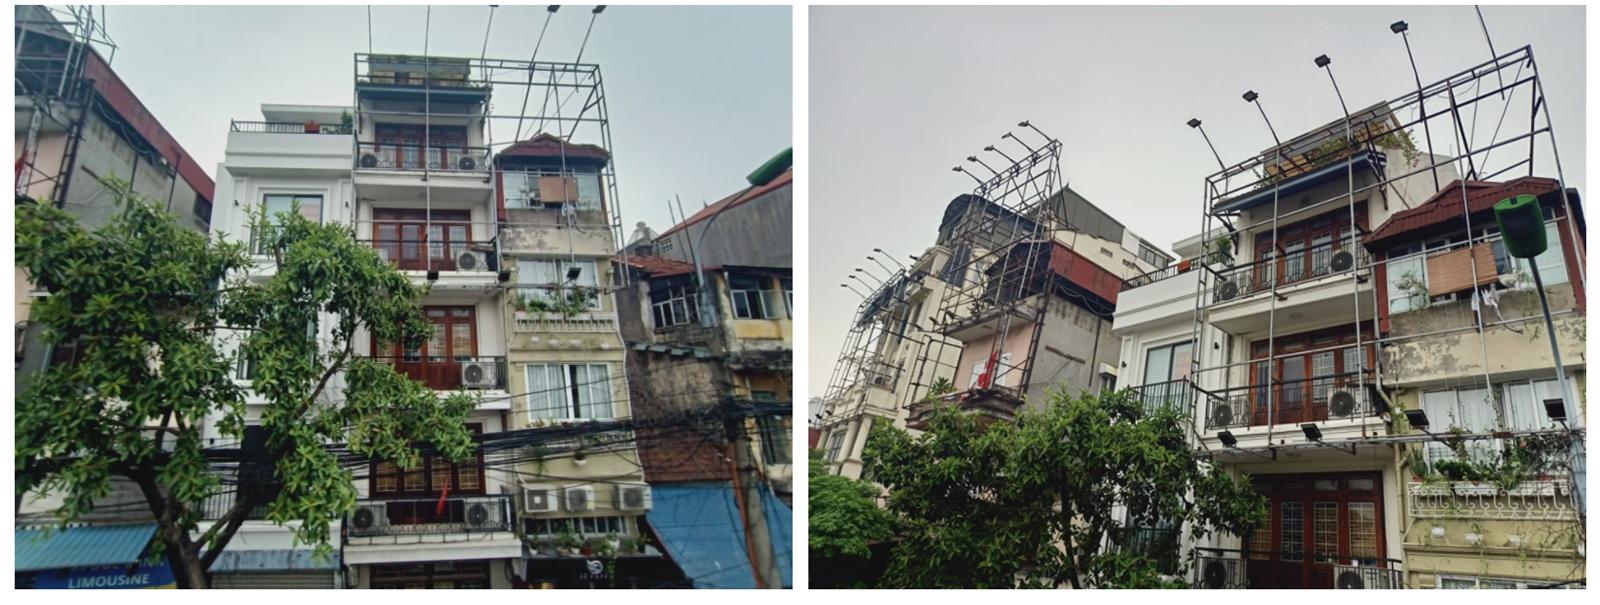 Quận Hoàn Kiếm: Thiết lập hồ sơ để xử lý nghiêm đối với các công trình vi phạm